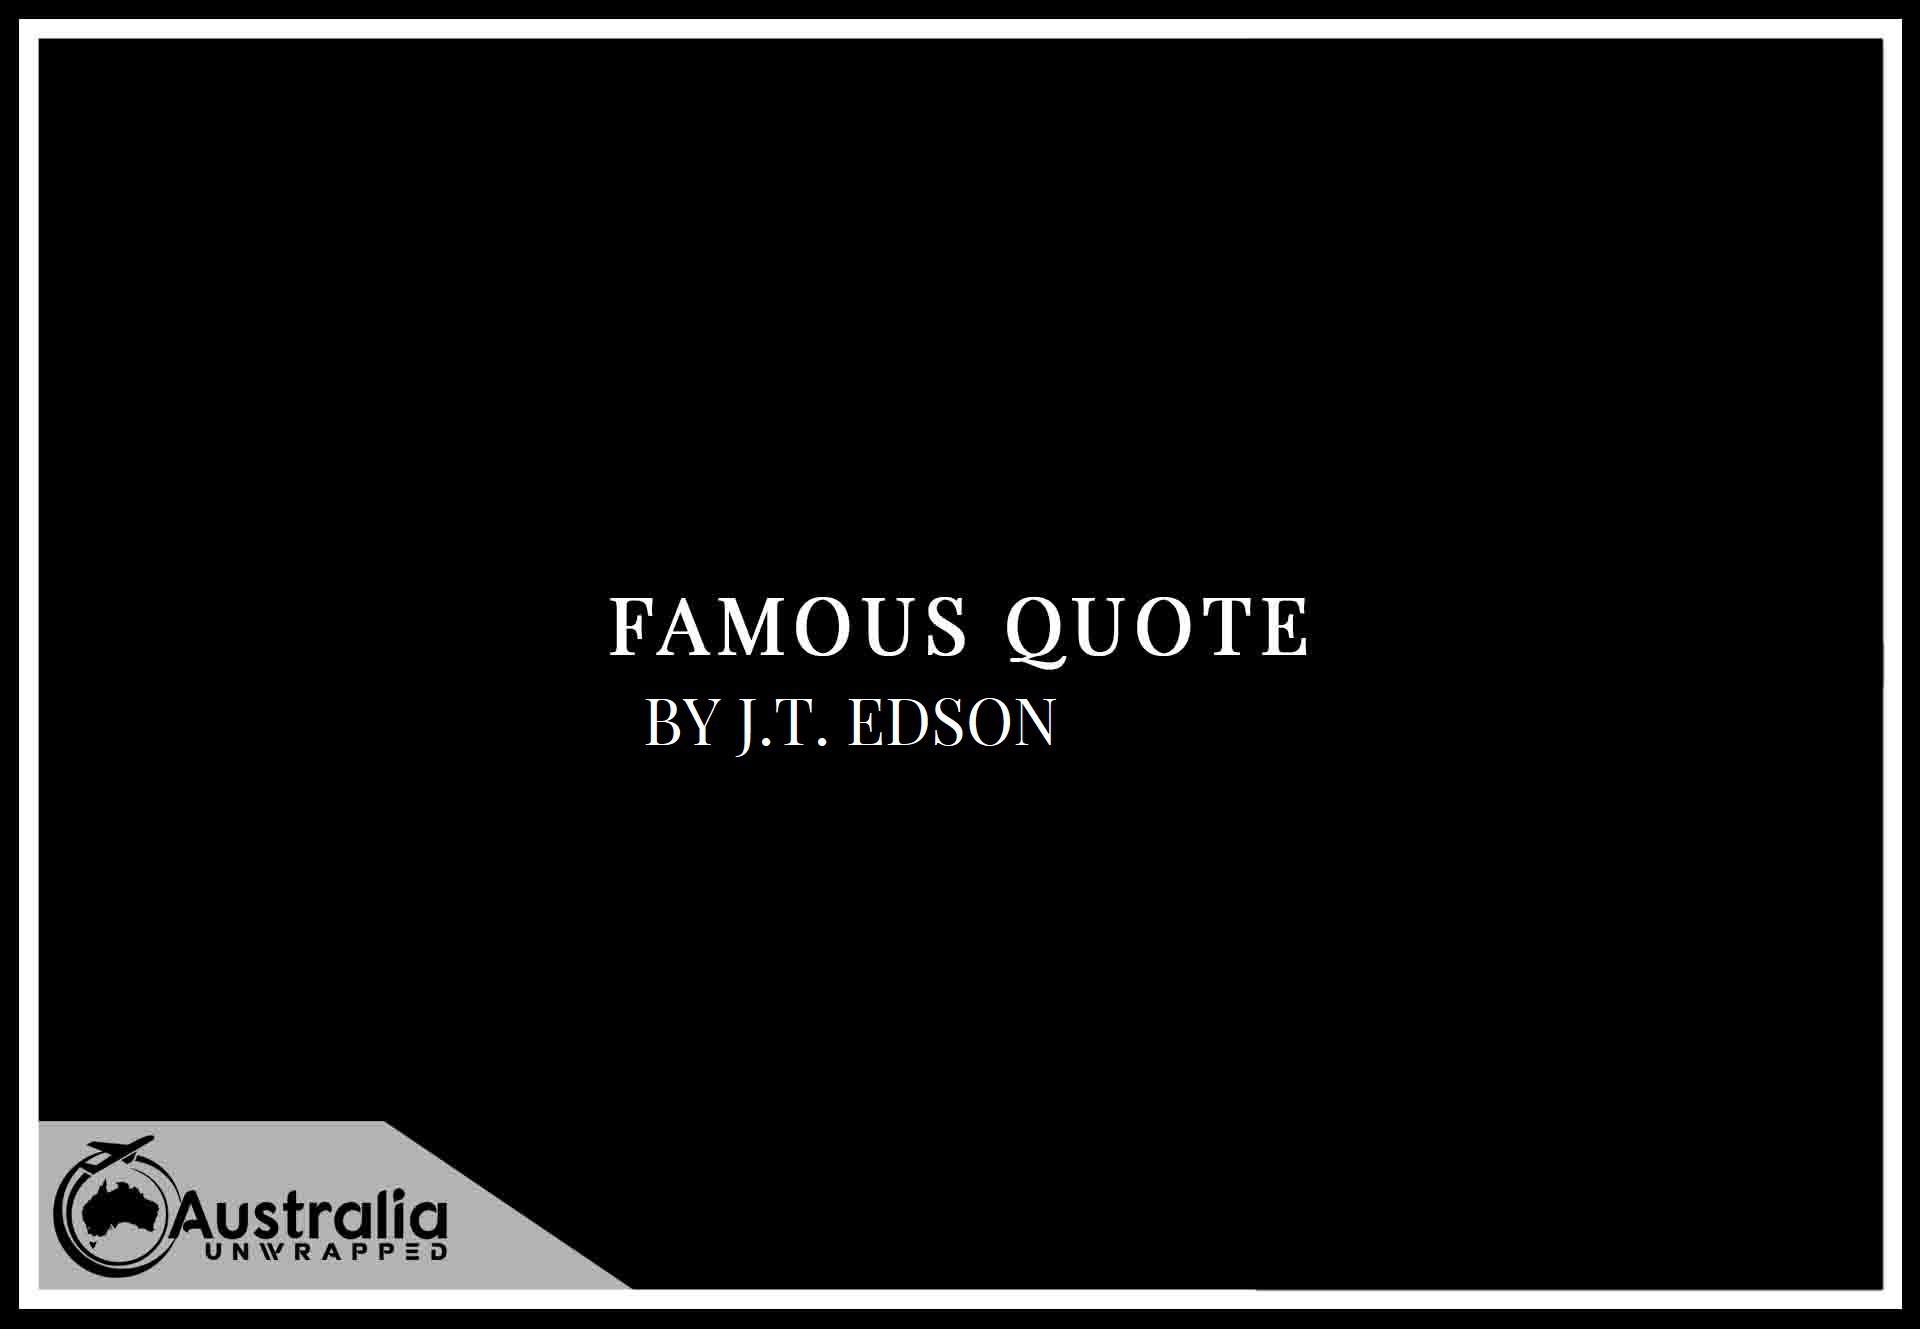 Top 1 Famous Quotes by Author J. T. Edson